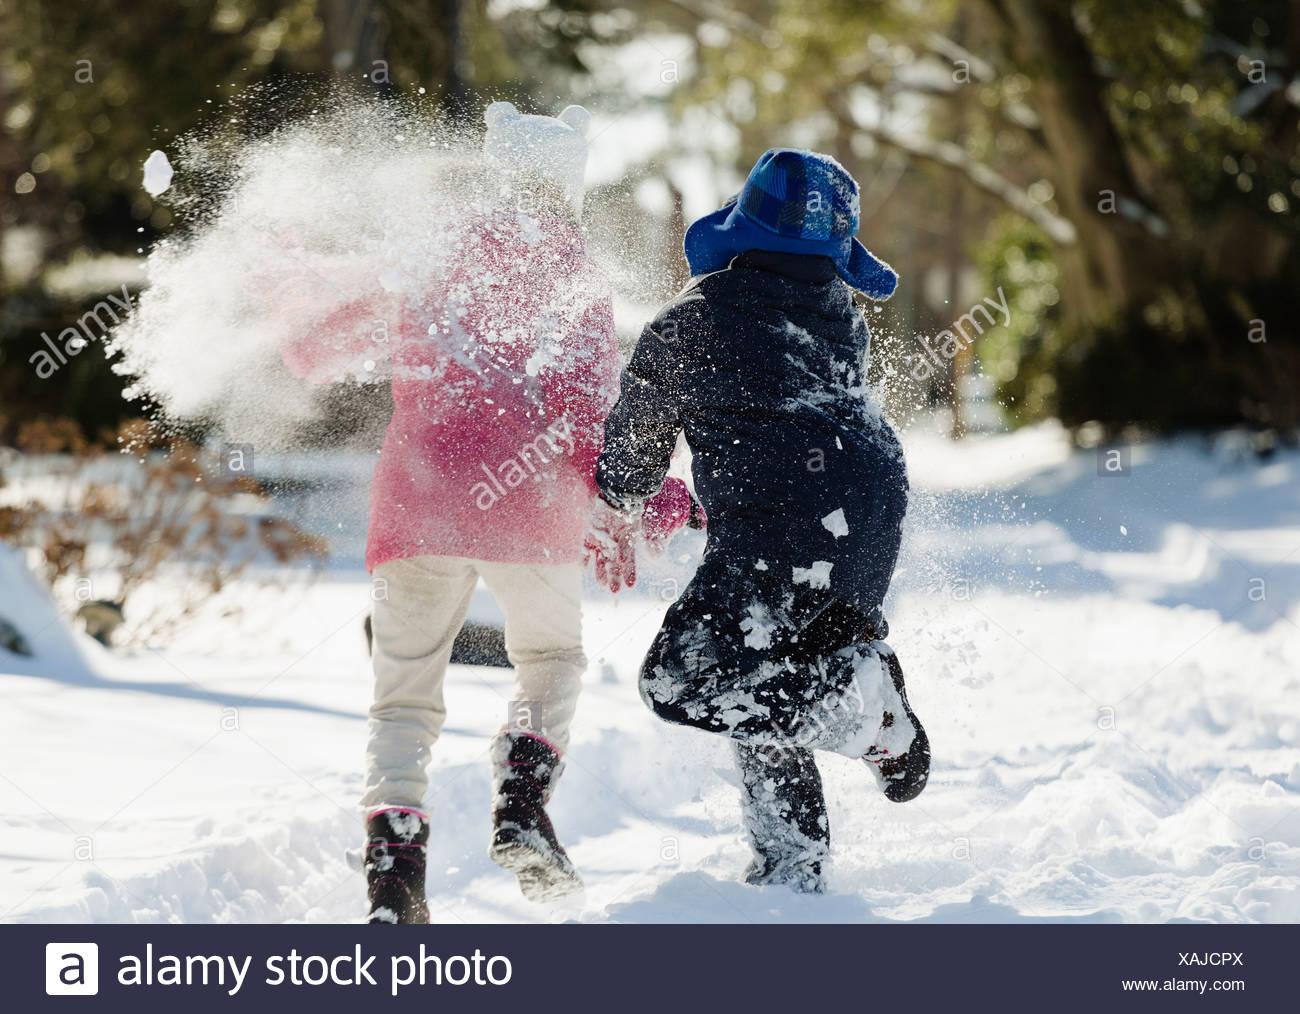 Deux enfants courir dans la neige Photo Stock